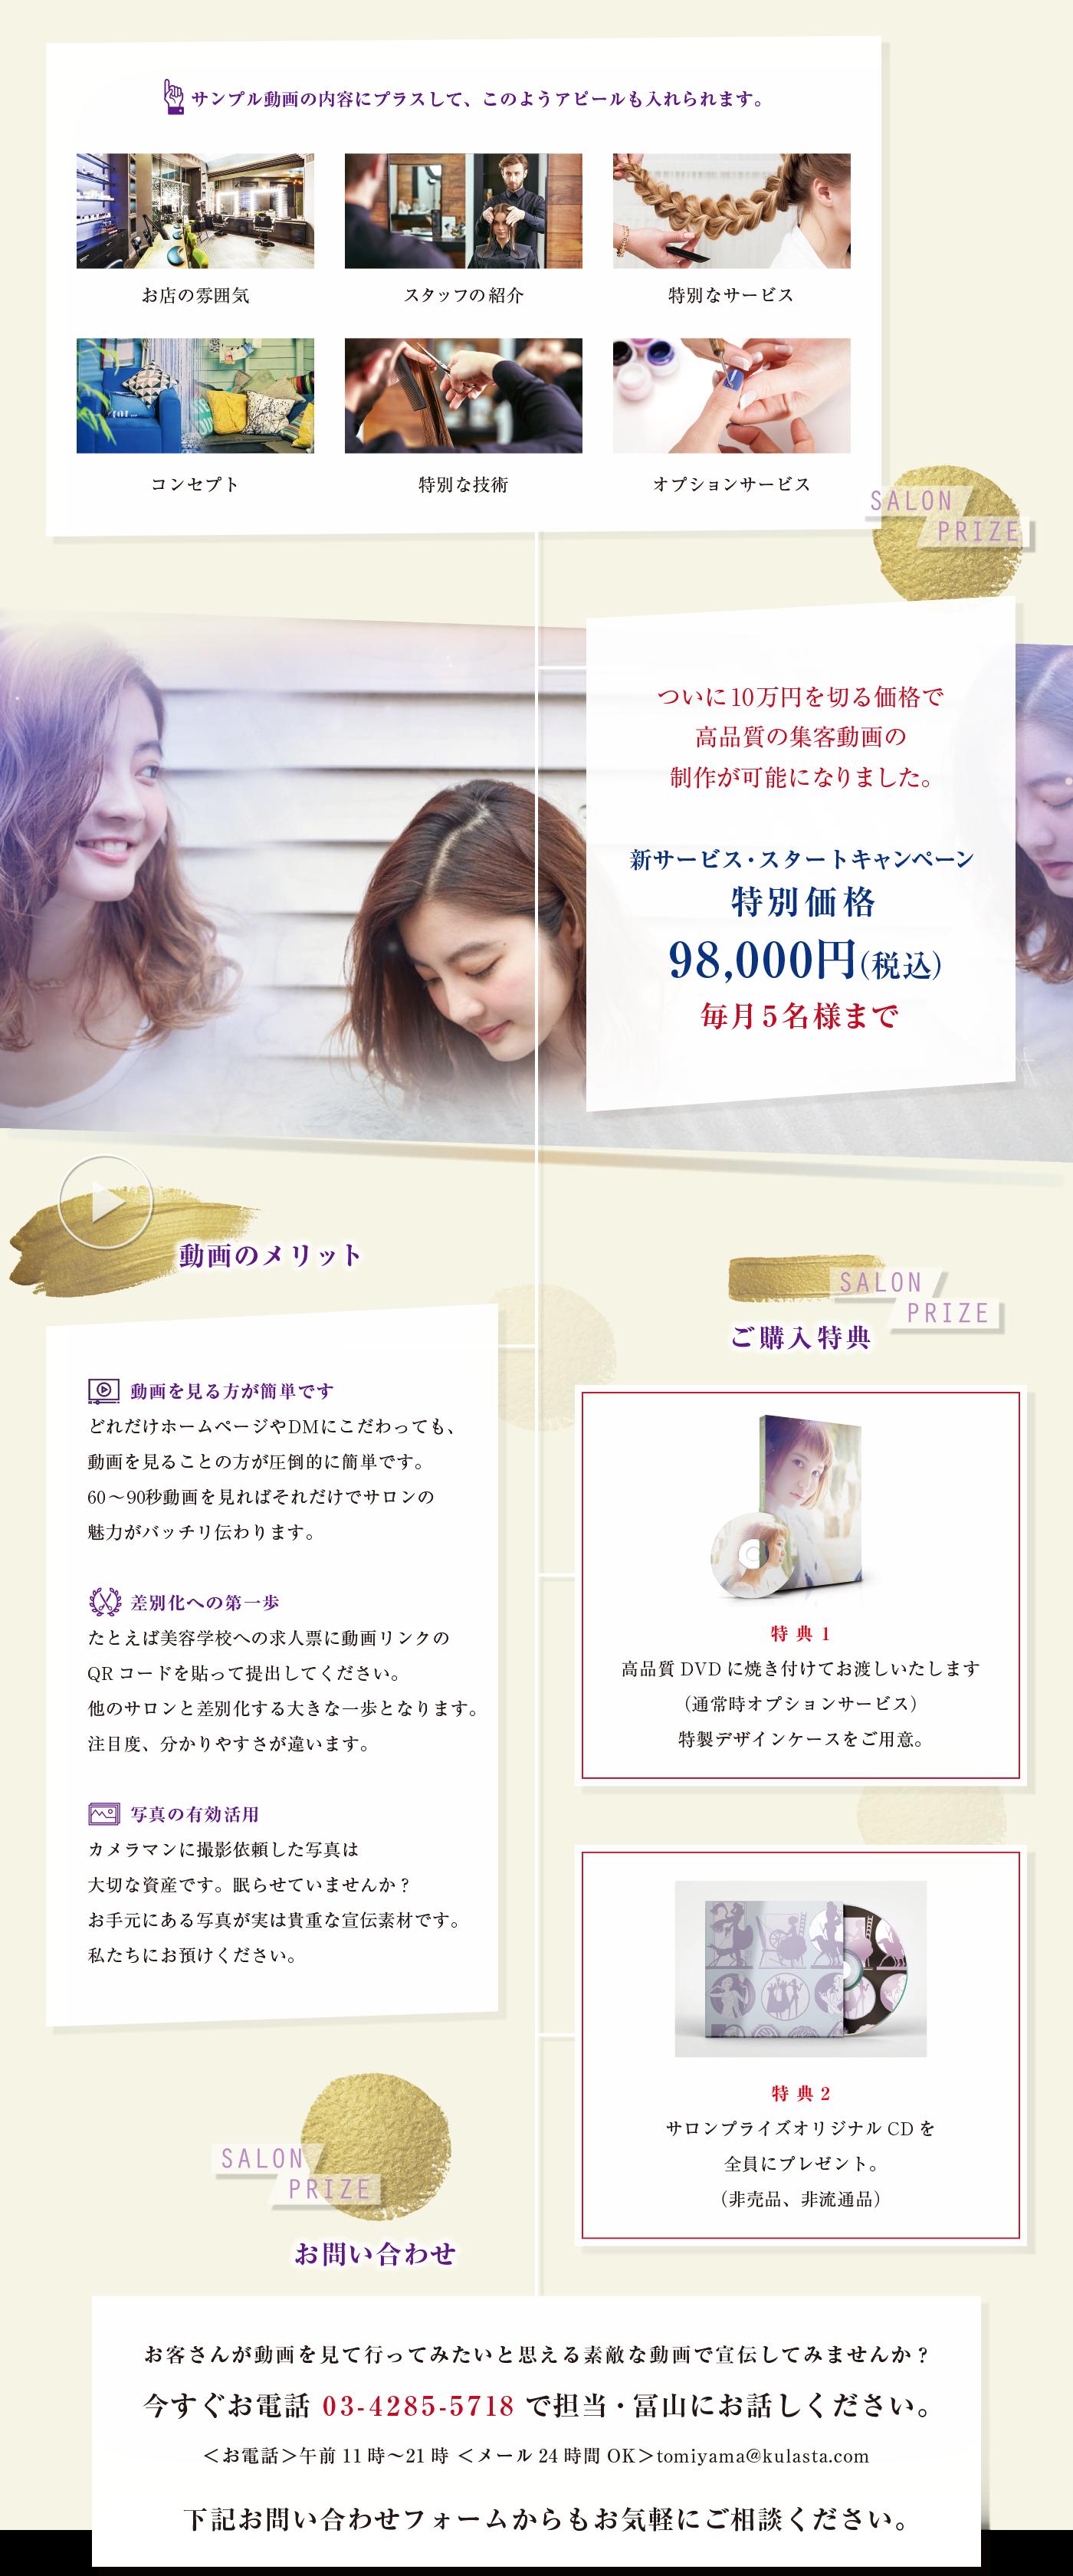 """""""動画の仕様・ご注意・お支払い方法"""